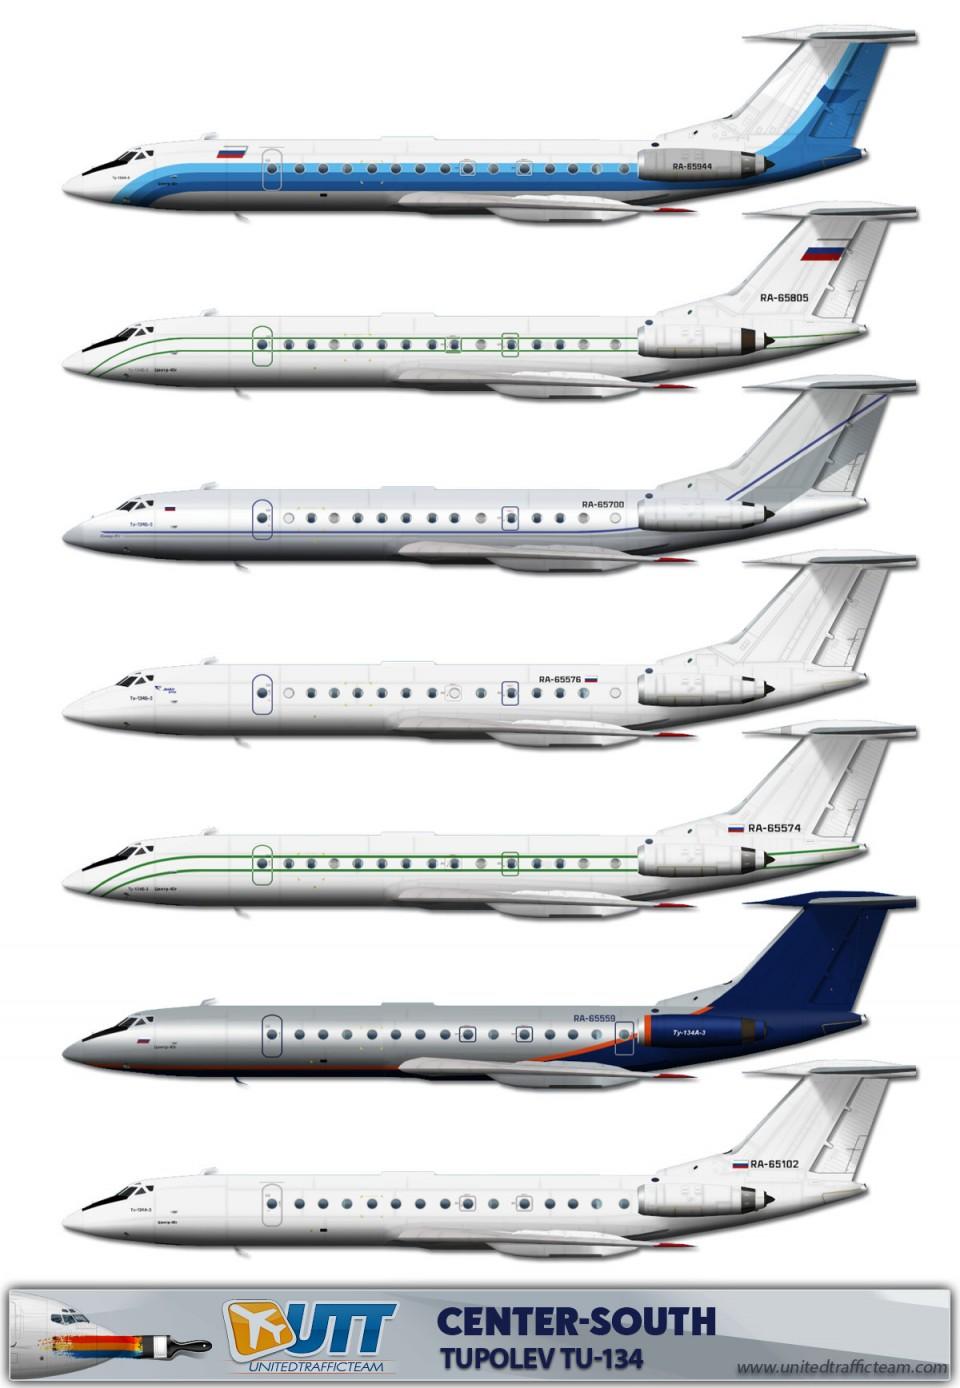 Center-South Tupolev Tu-134